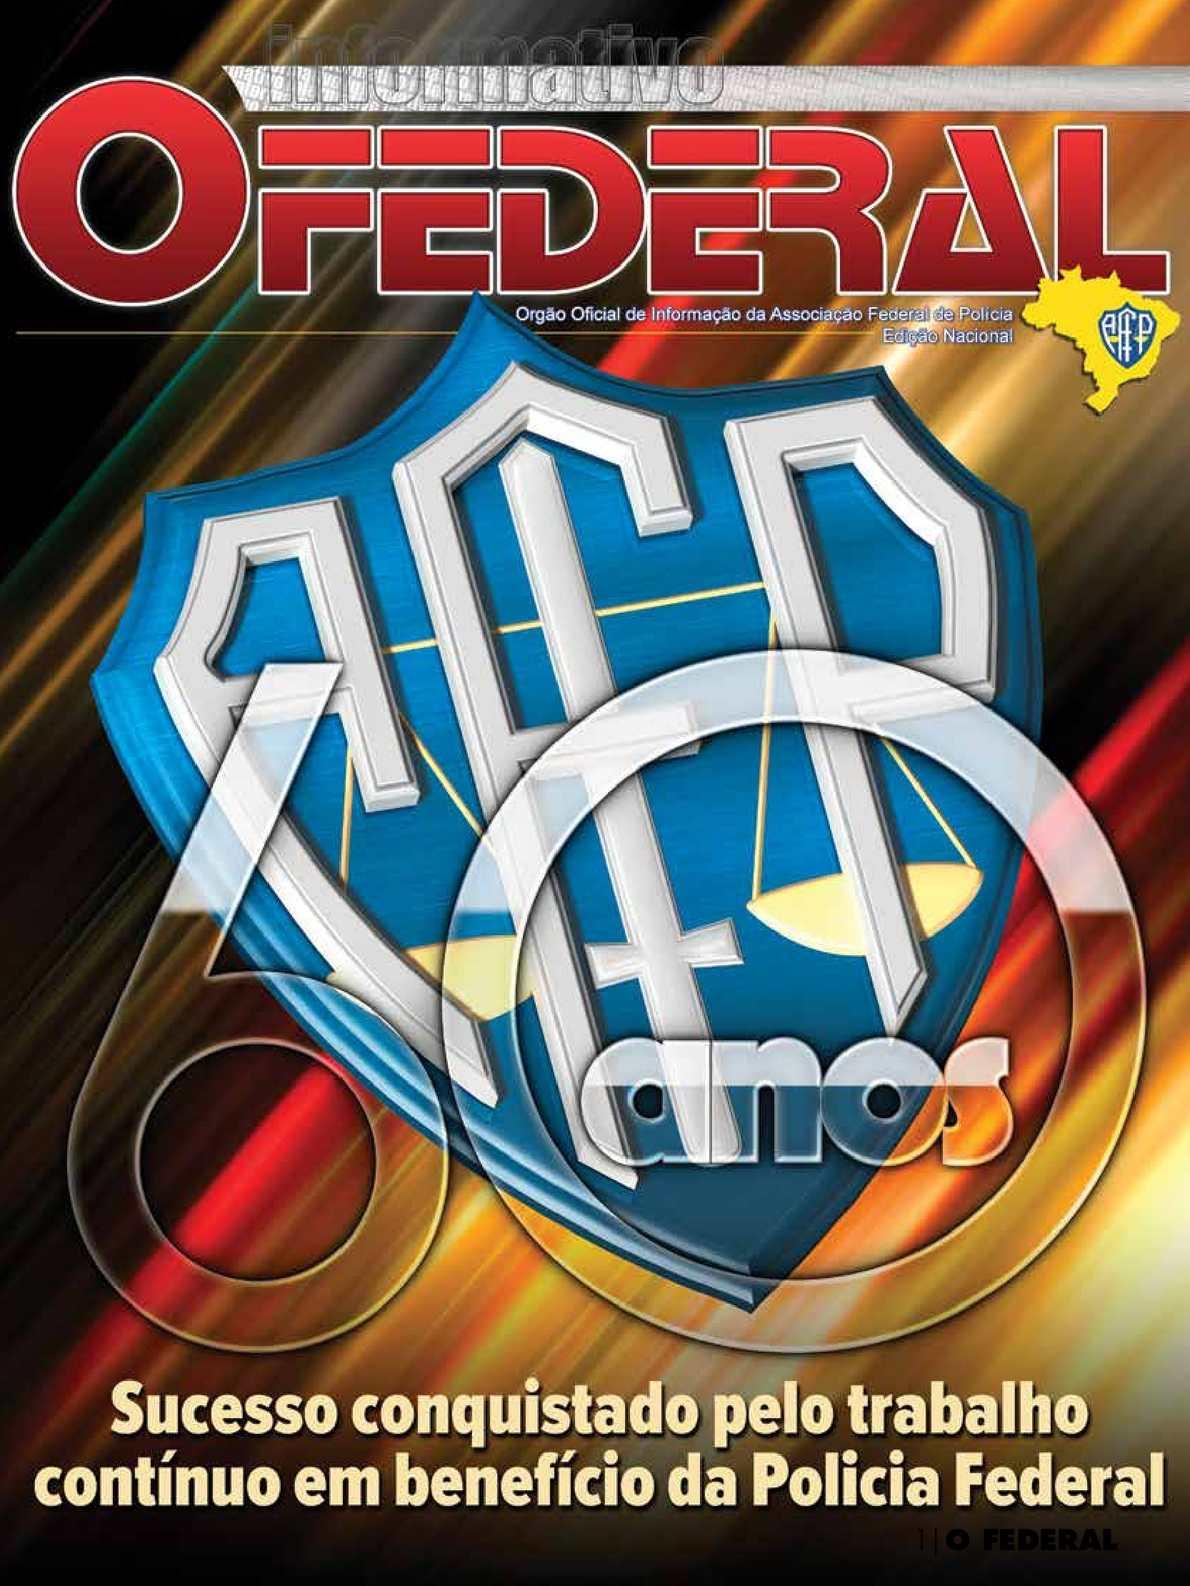 Calaméo - Revista O FEDERAL 42916b2400098